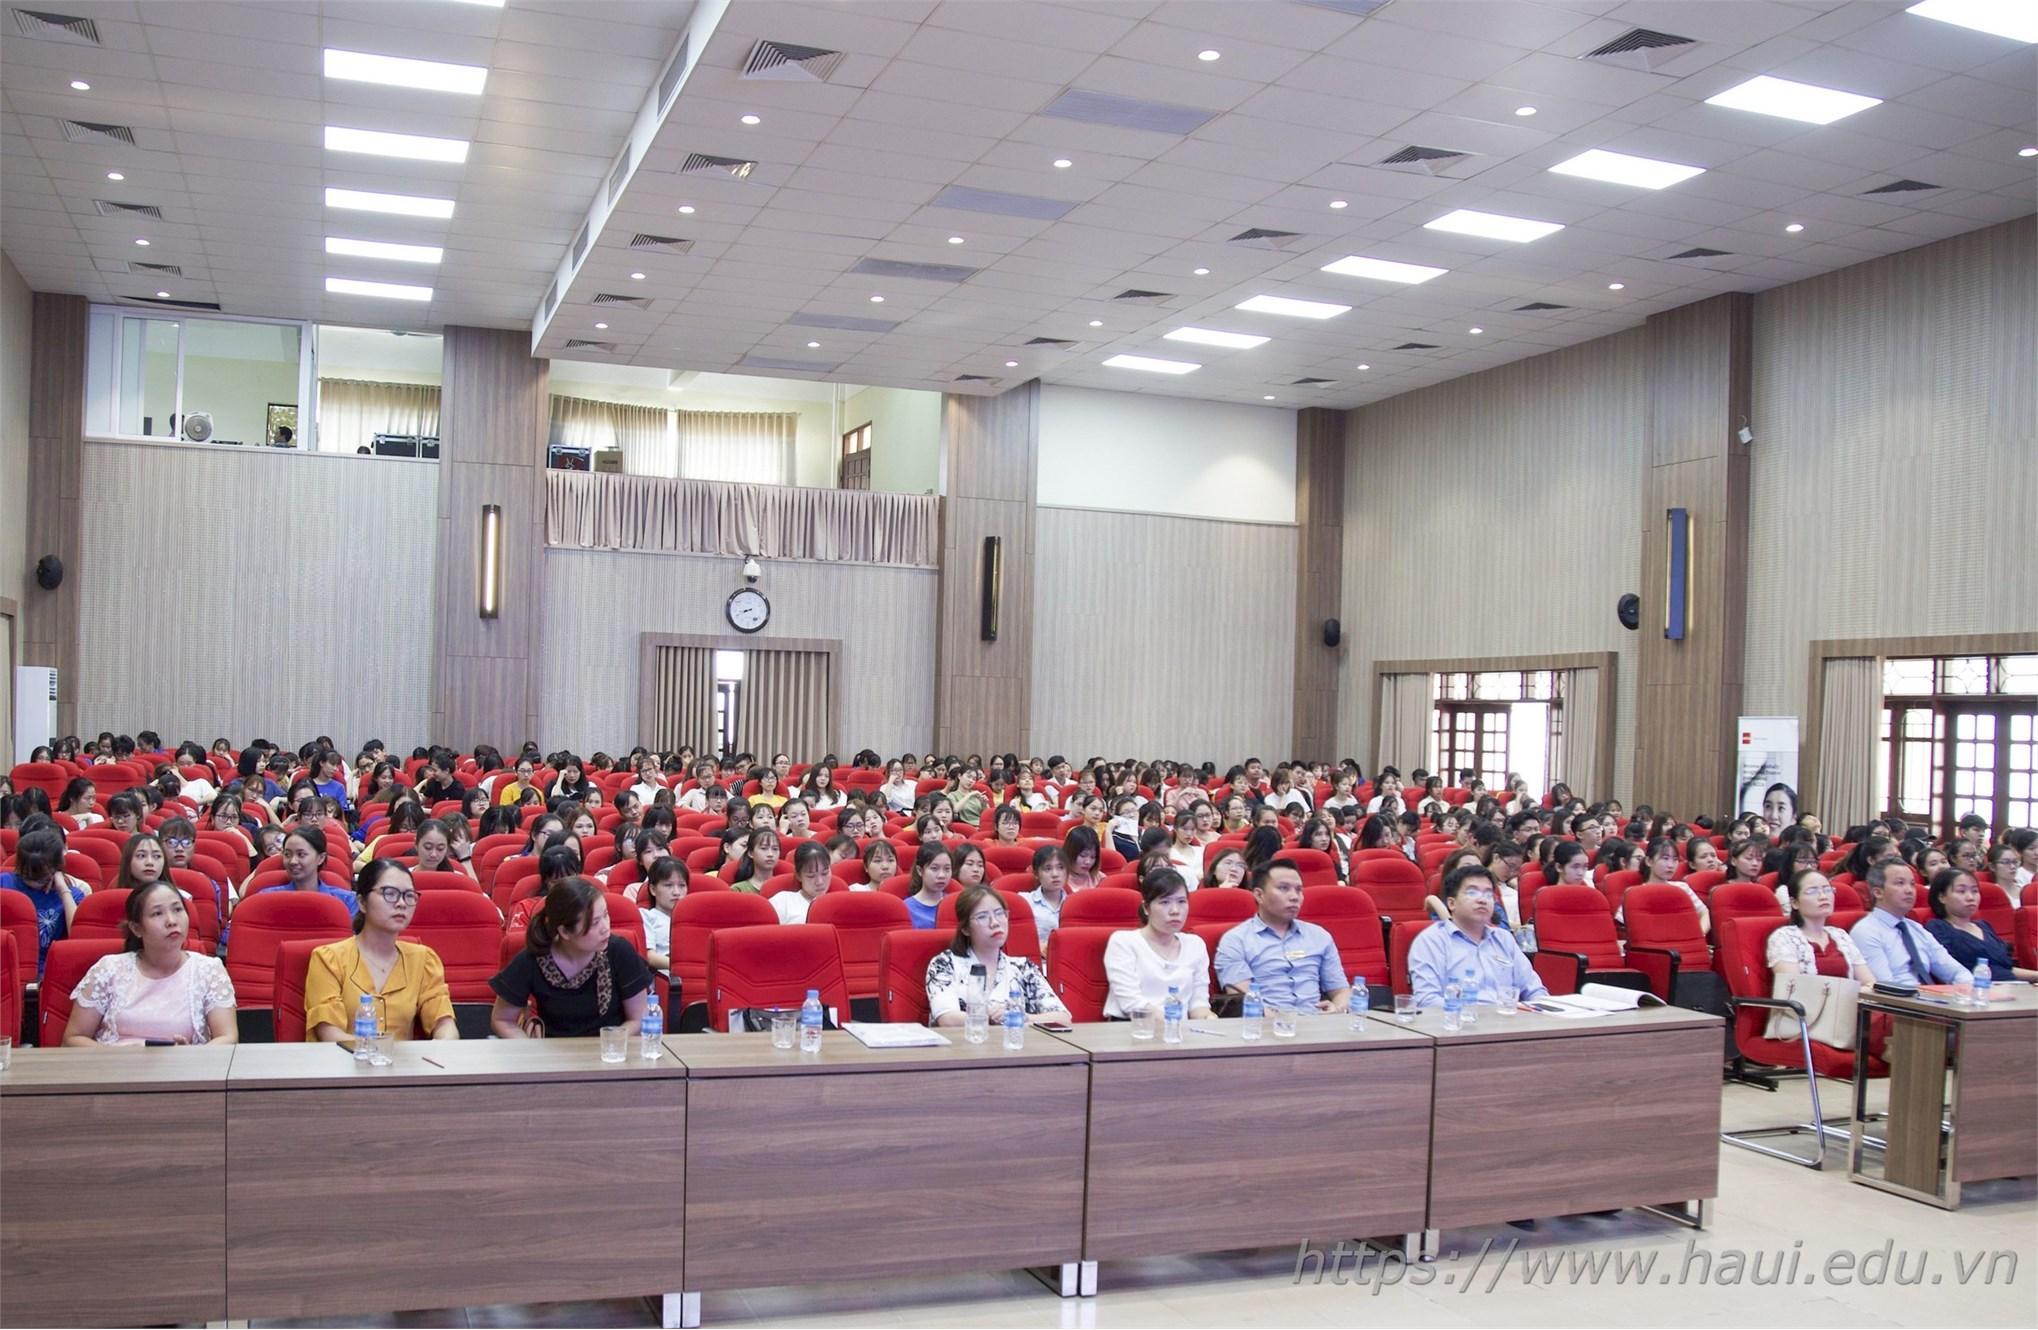 Tọa đàm ngành Kế toán Kiểm toán tại Đại học Công nghiệp Hà Nội